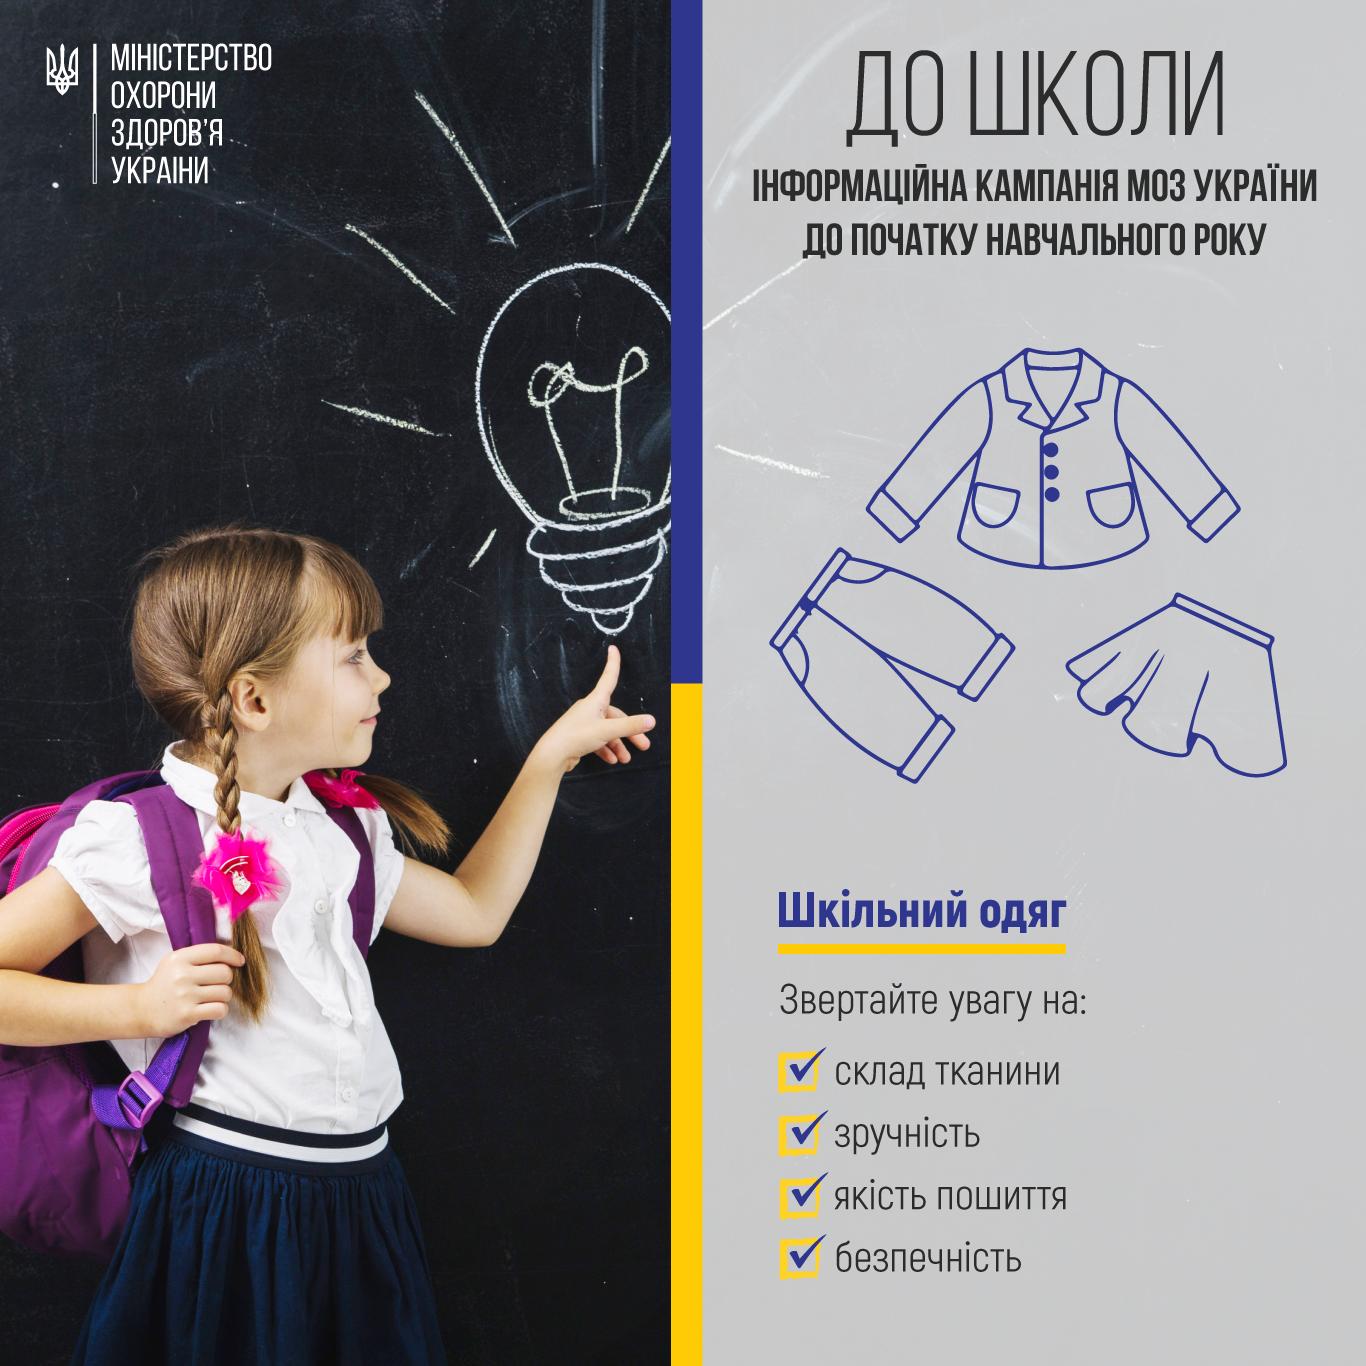 Натільна білизна першокласників (дітей до 7 років) має бути виготовлена  виключно із натуральних тканин. cb19c4d6c86c1